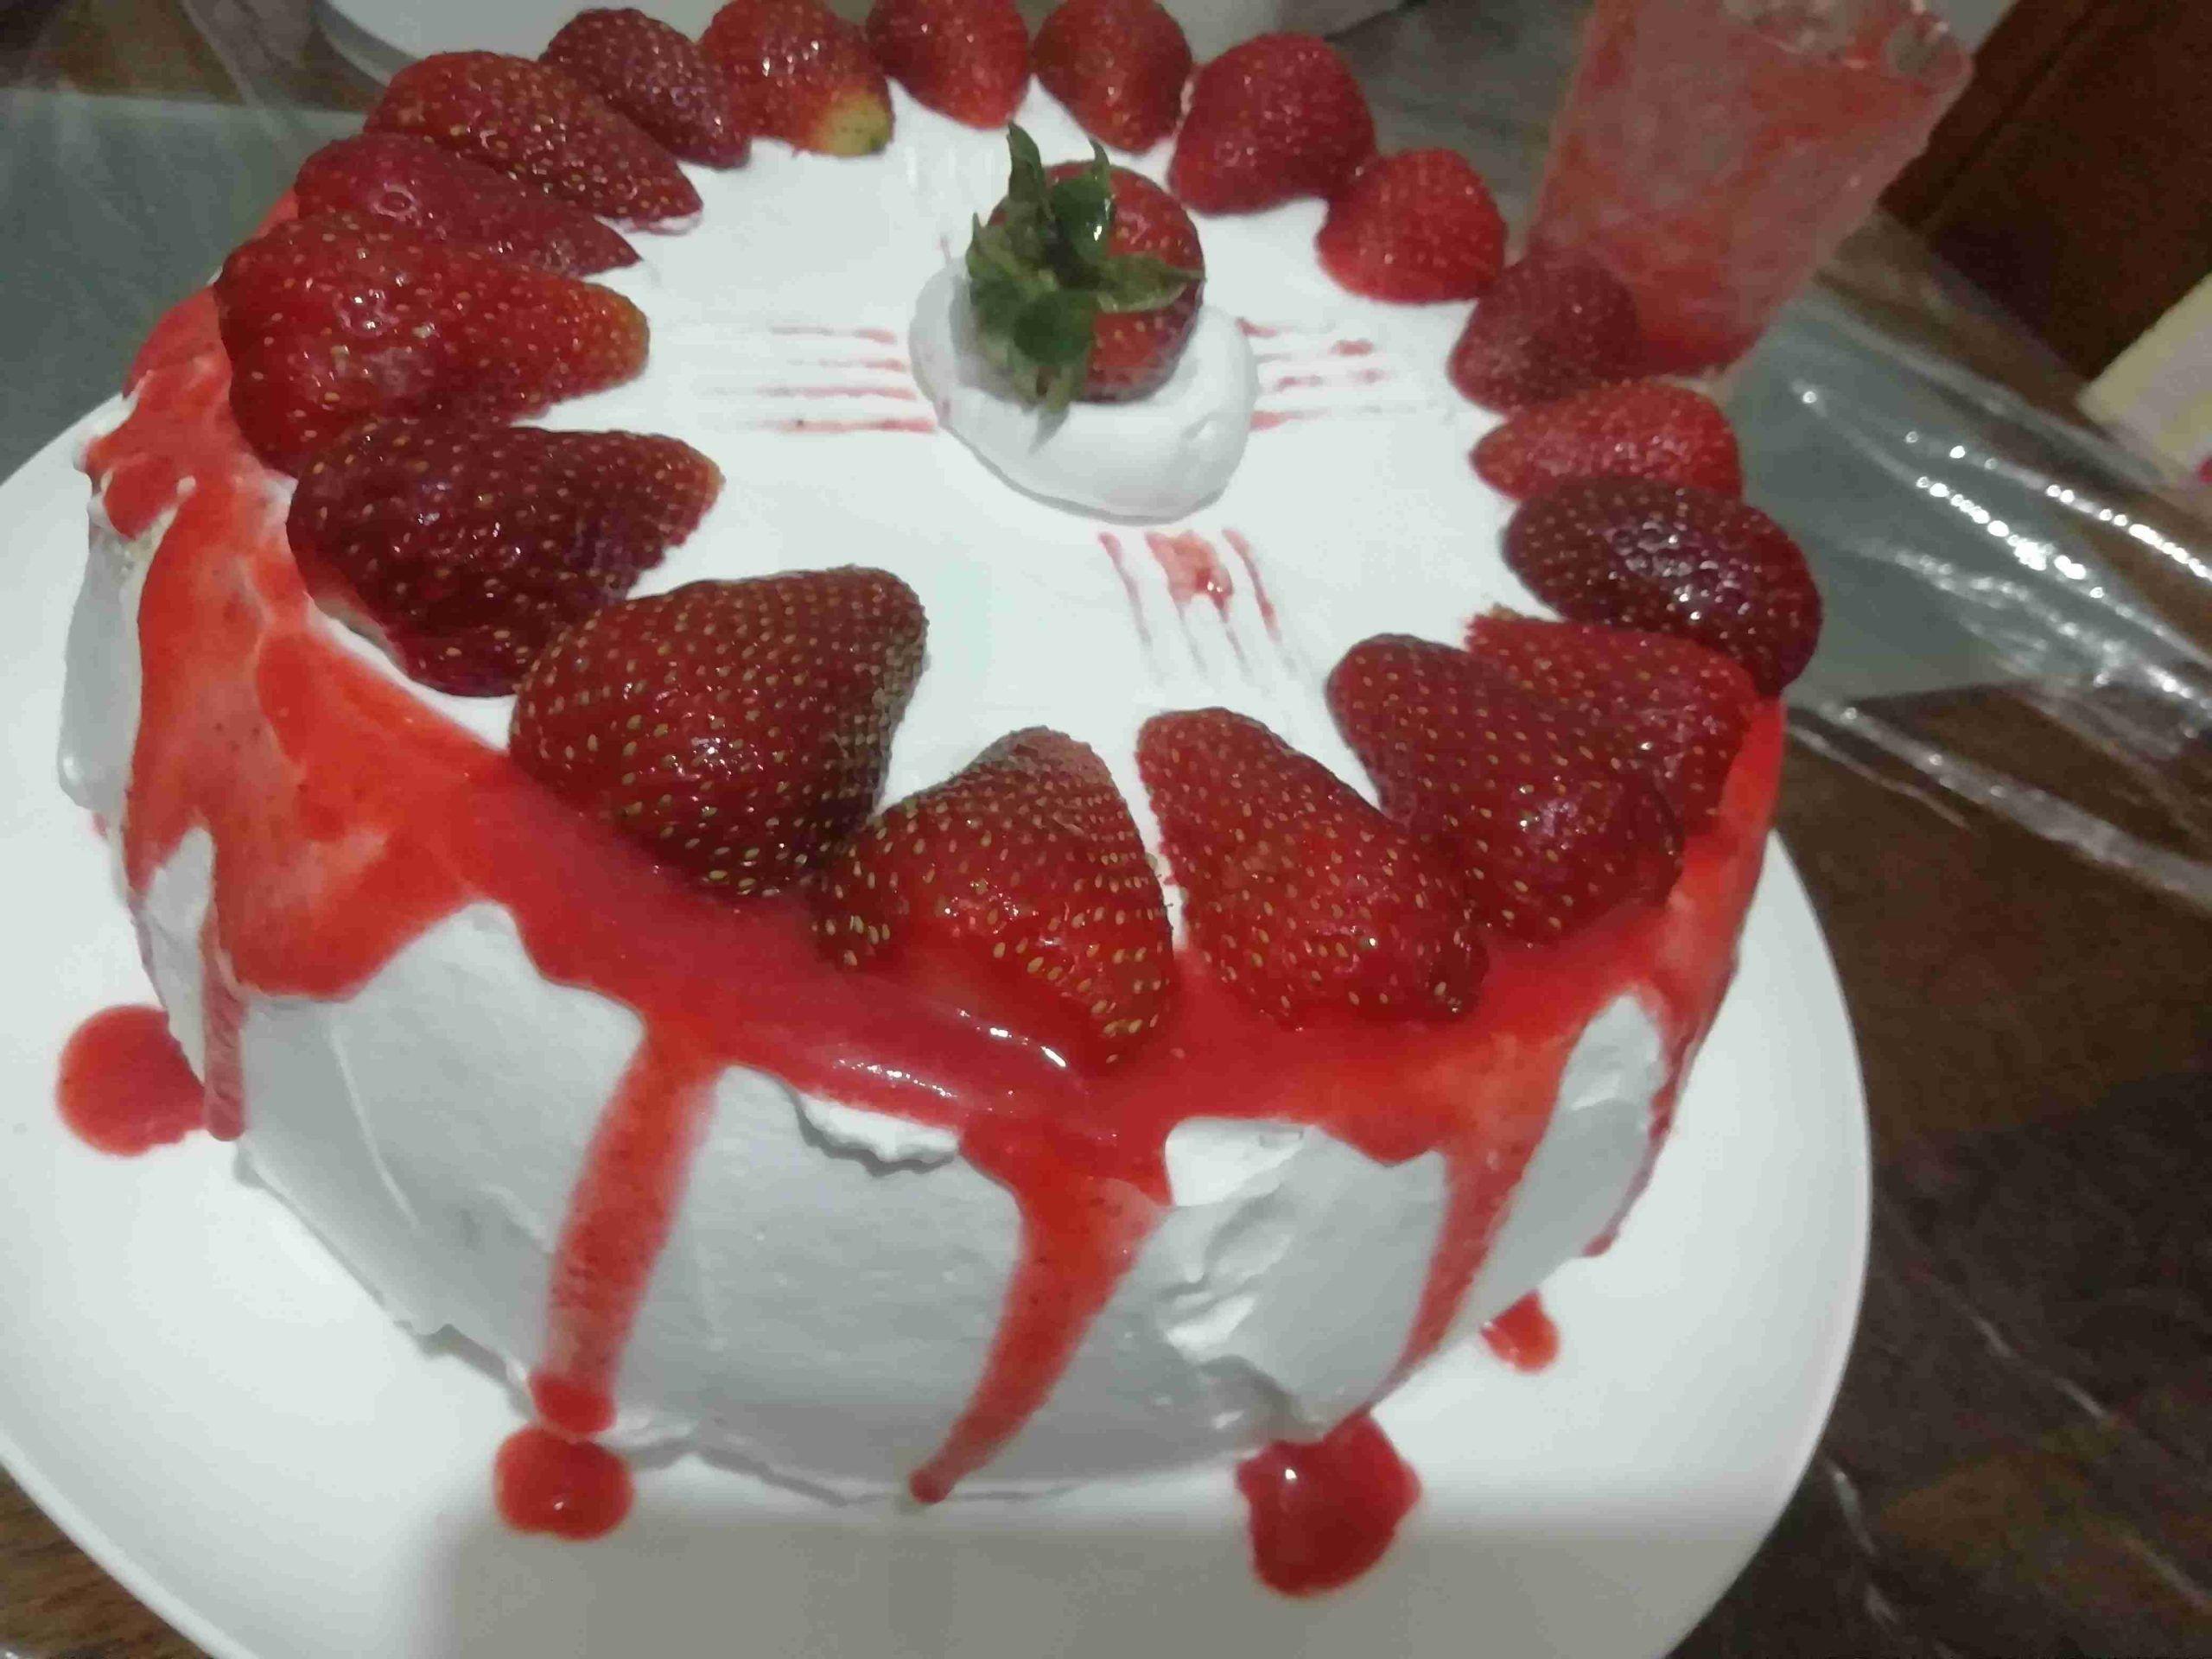 كيكة الفراولة ملكة الكيك زاكي Desserts Cake Food